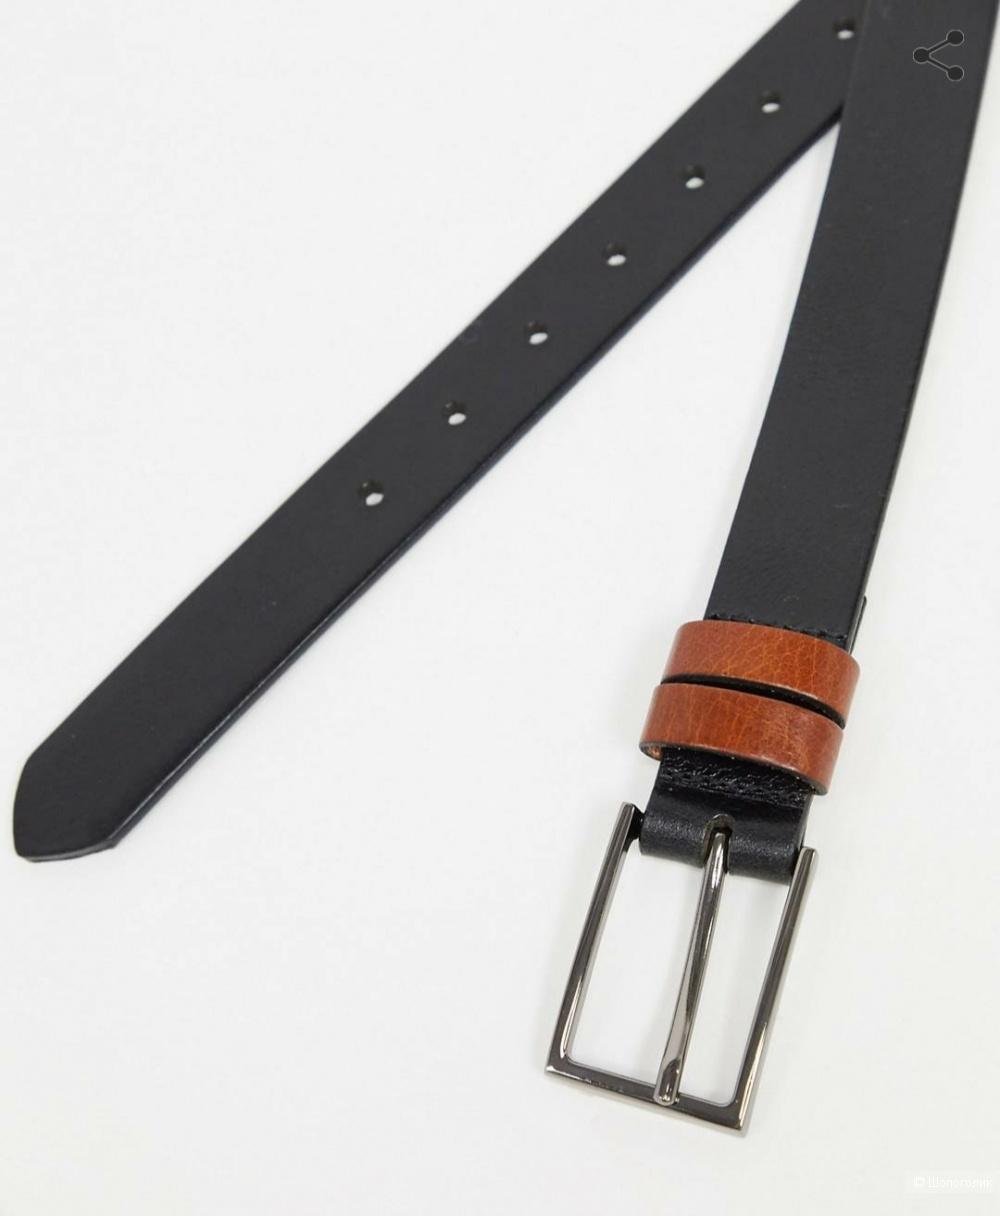 Ремень кожаный от Asos, унисекс (на ОТ 77-92 см)